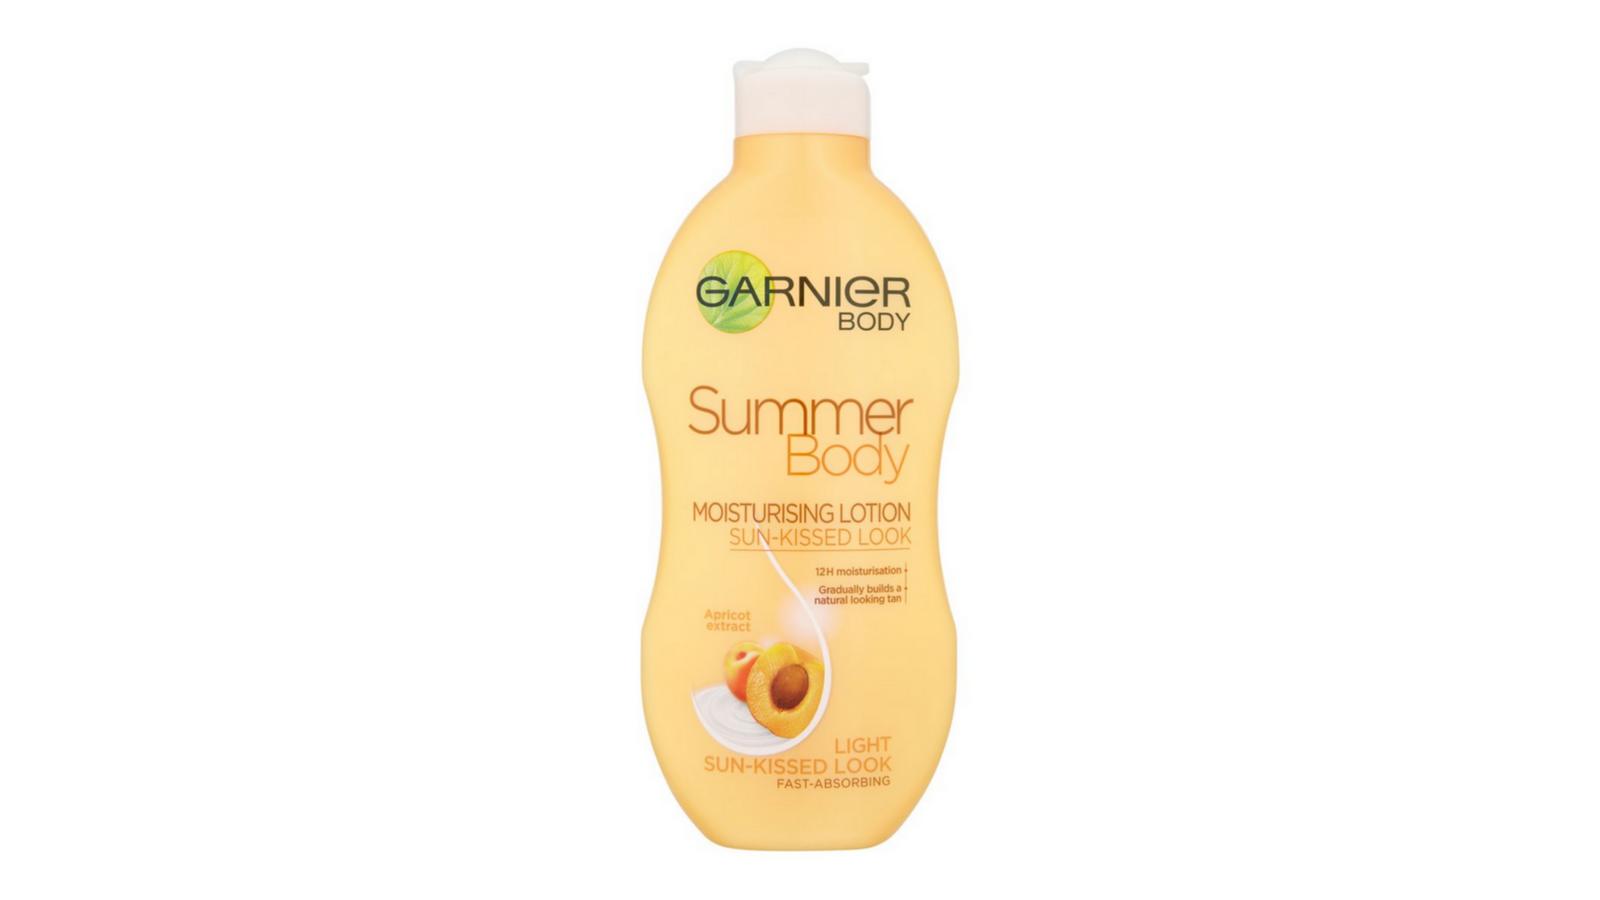 garnier summer body instructions